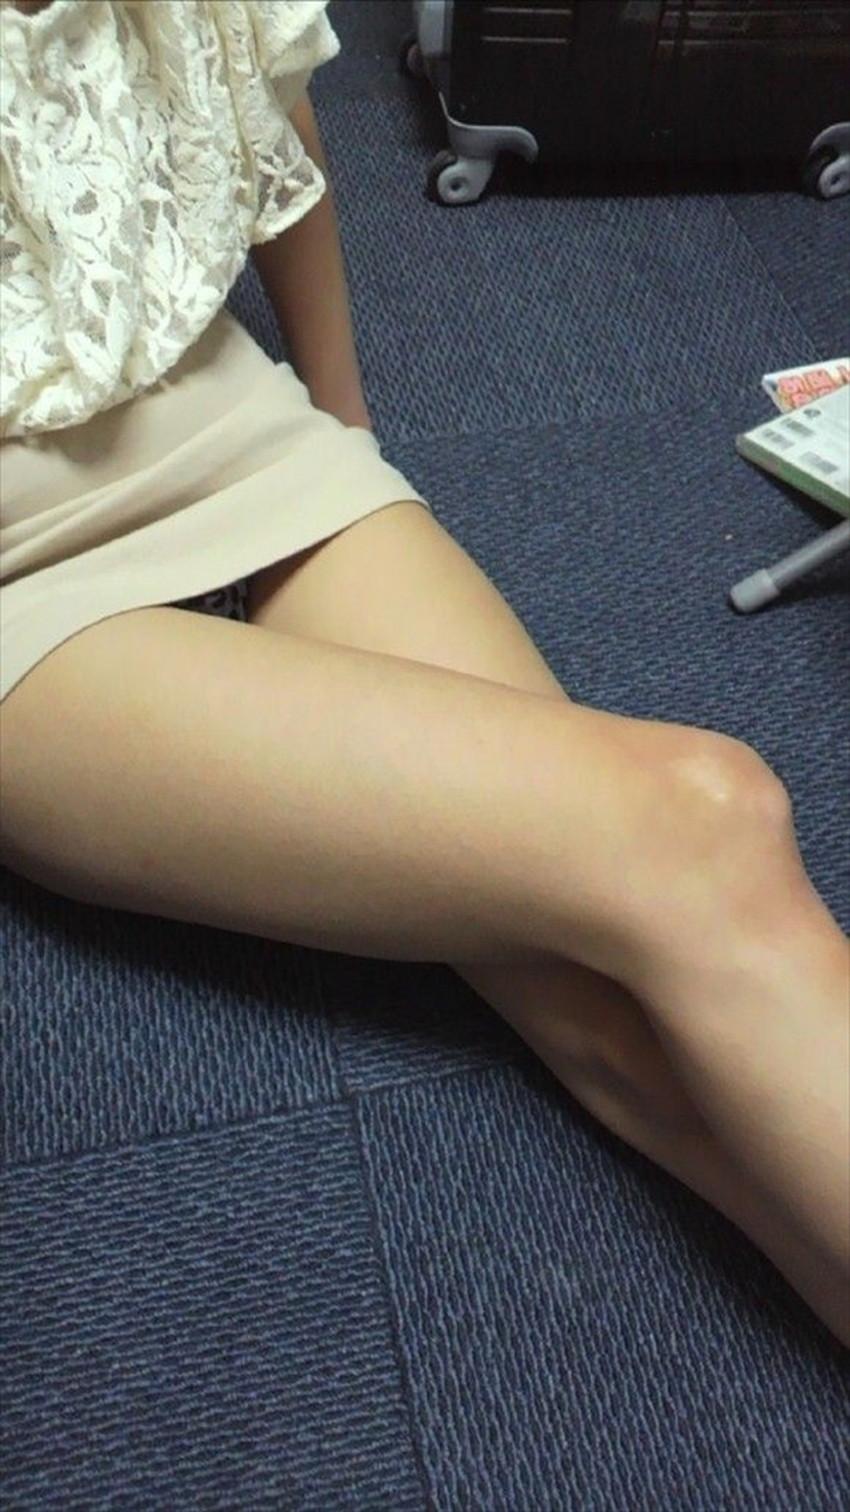 【太ももエロ画像】膝枕して噛みつきたくなるむっちり太もも!美女が太ももを強調して誘惑してくれてる太もものエロ画像集!ww【80枚】 74